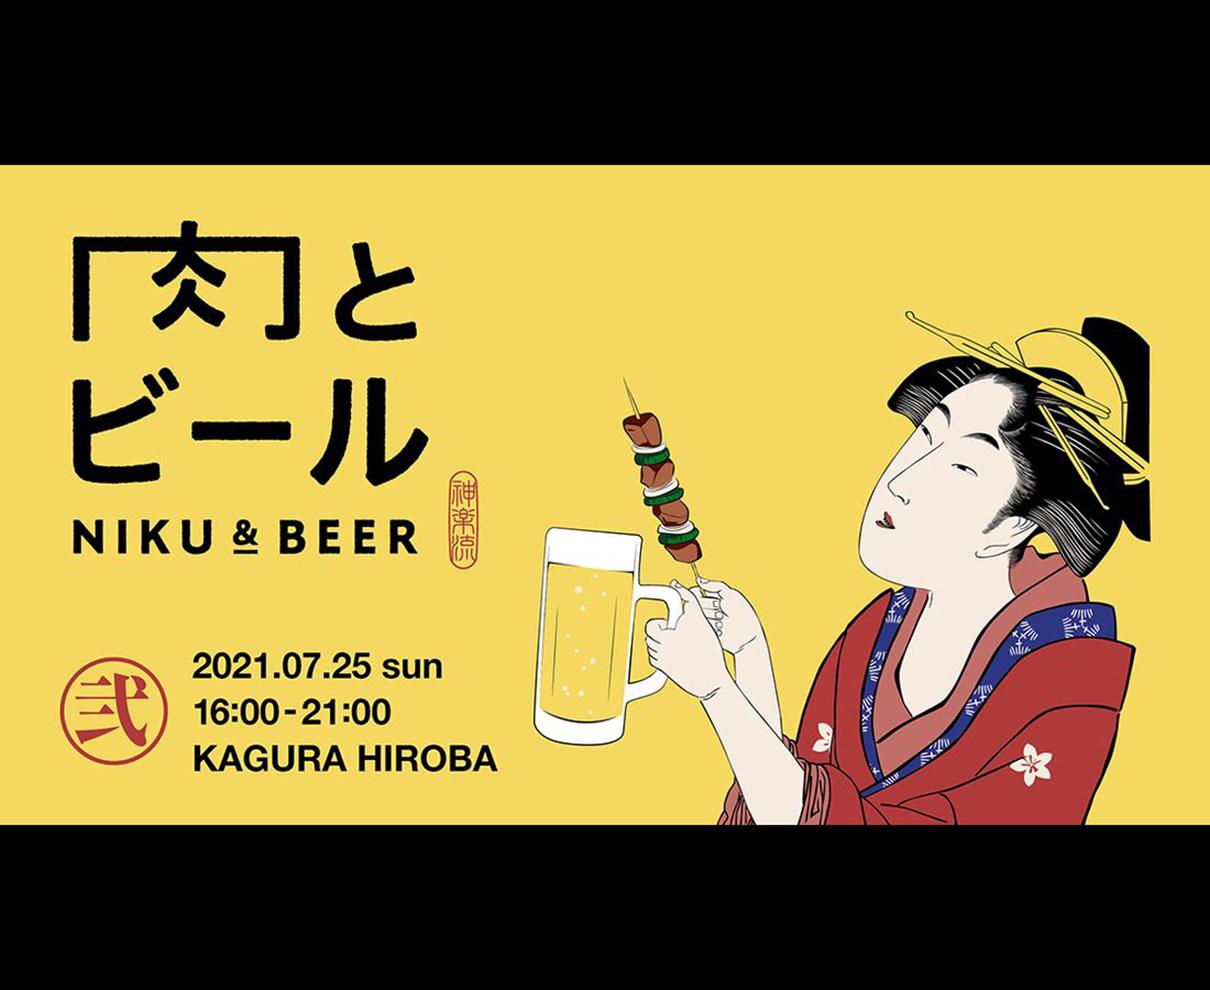 【7/25】「肉とビール」敦賀で開催! 1日限りのビアガーデンを楽しもう♪